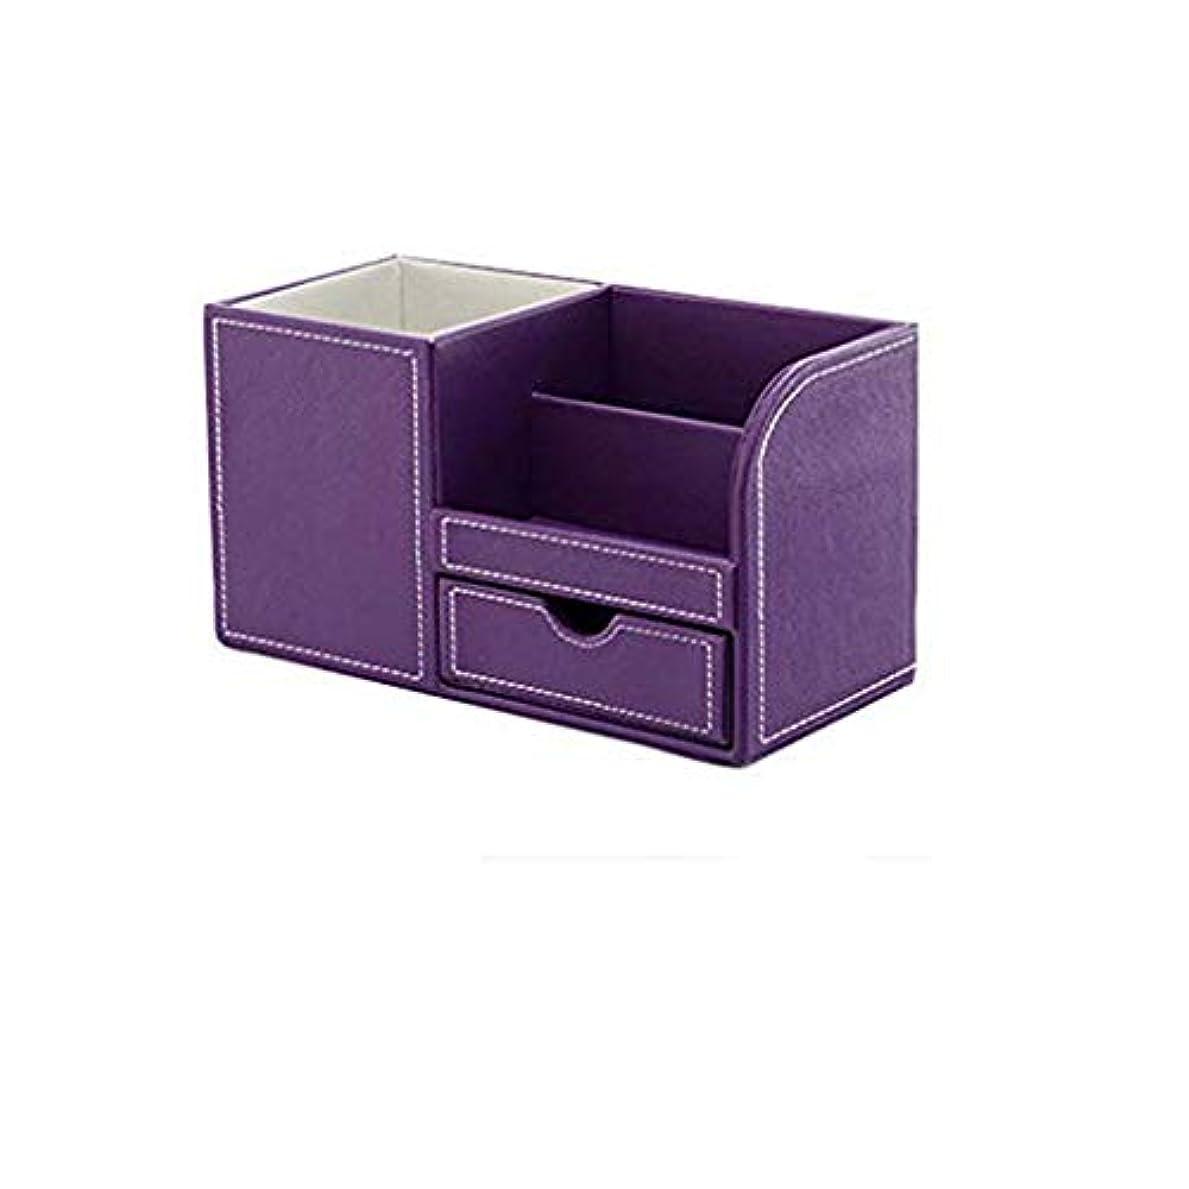 混乱した障害者脚本家多機能収納ボックスペンホルダーオフィス文具デスクトップ事務用品ペンホルダー (Color : Purple)